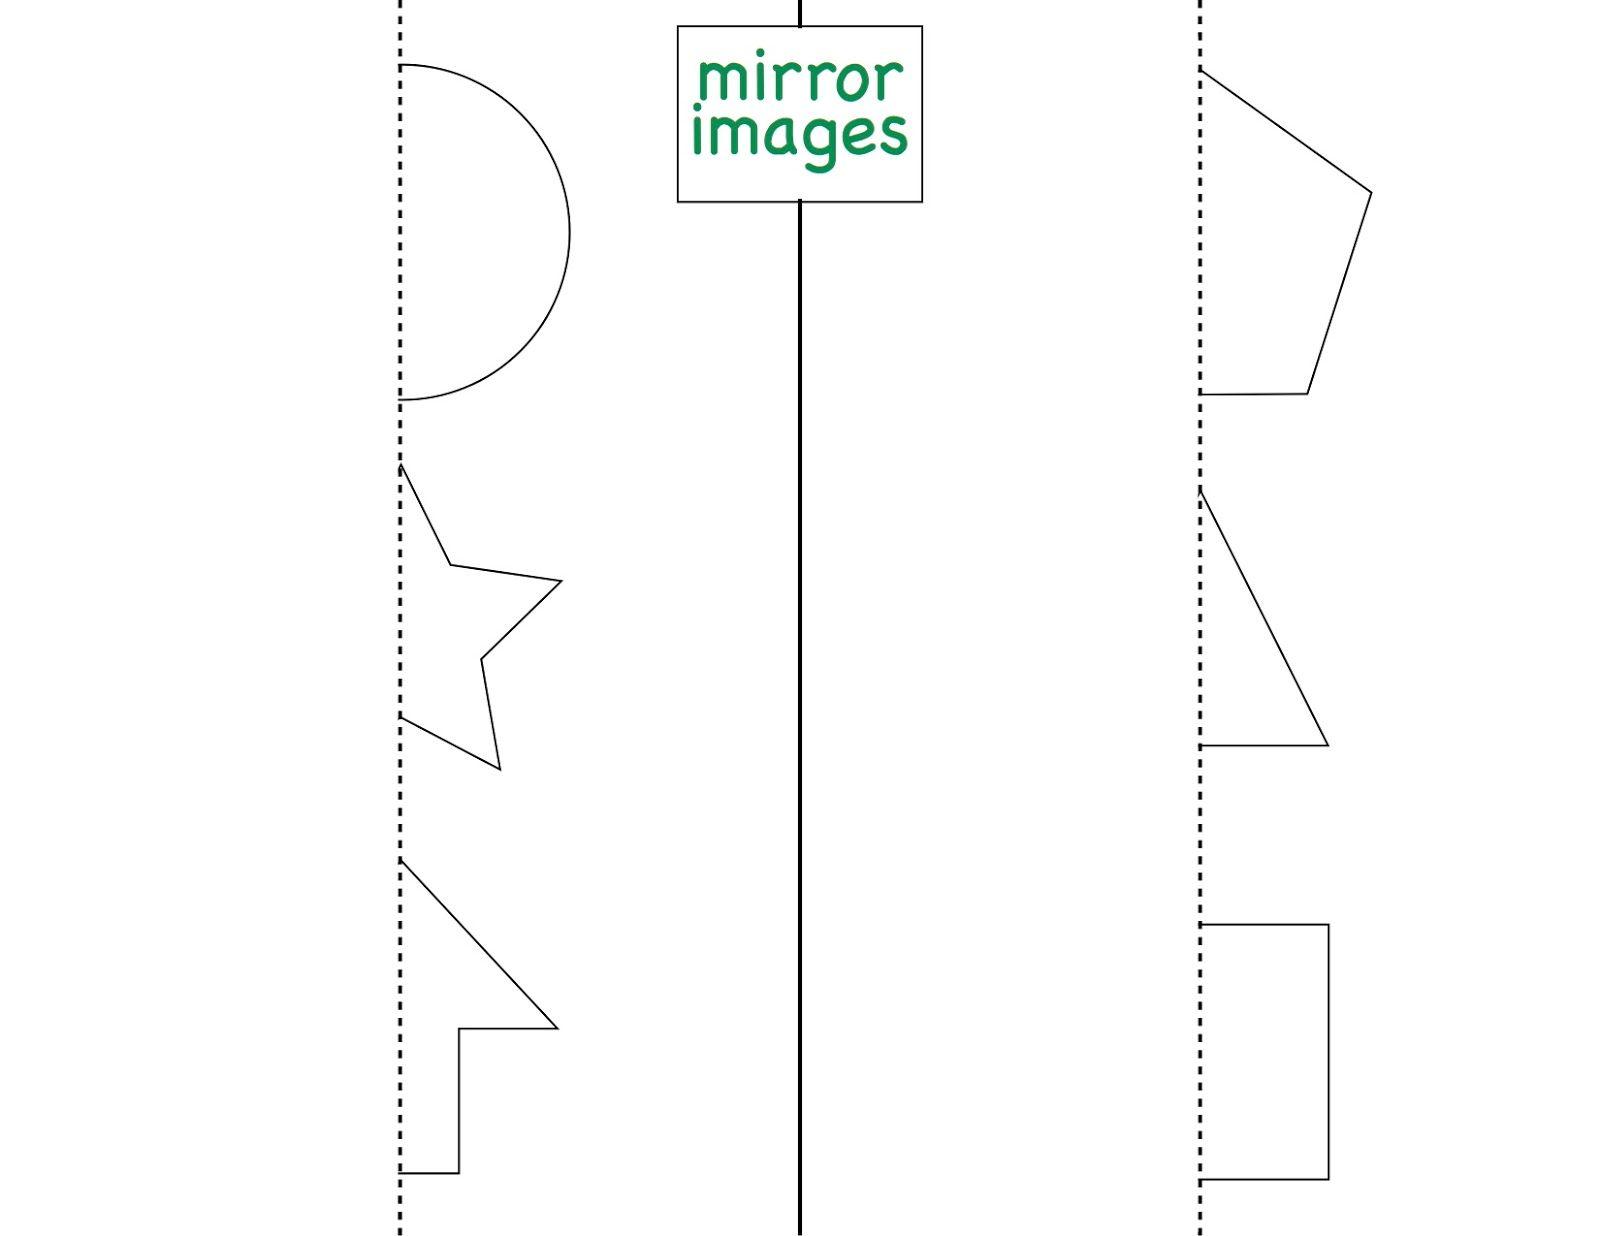 Mirror Image Cc Cycle 2 Week 2